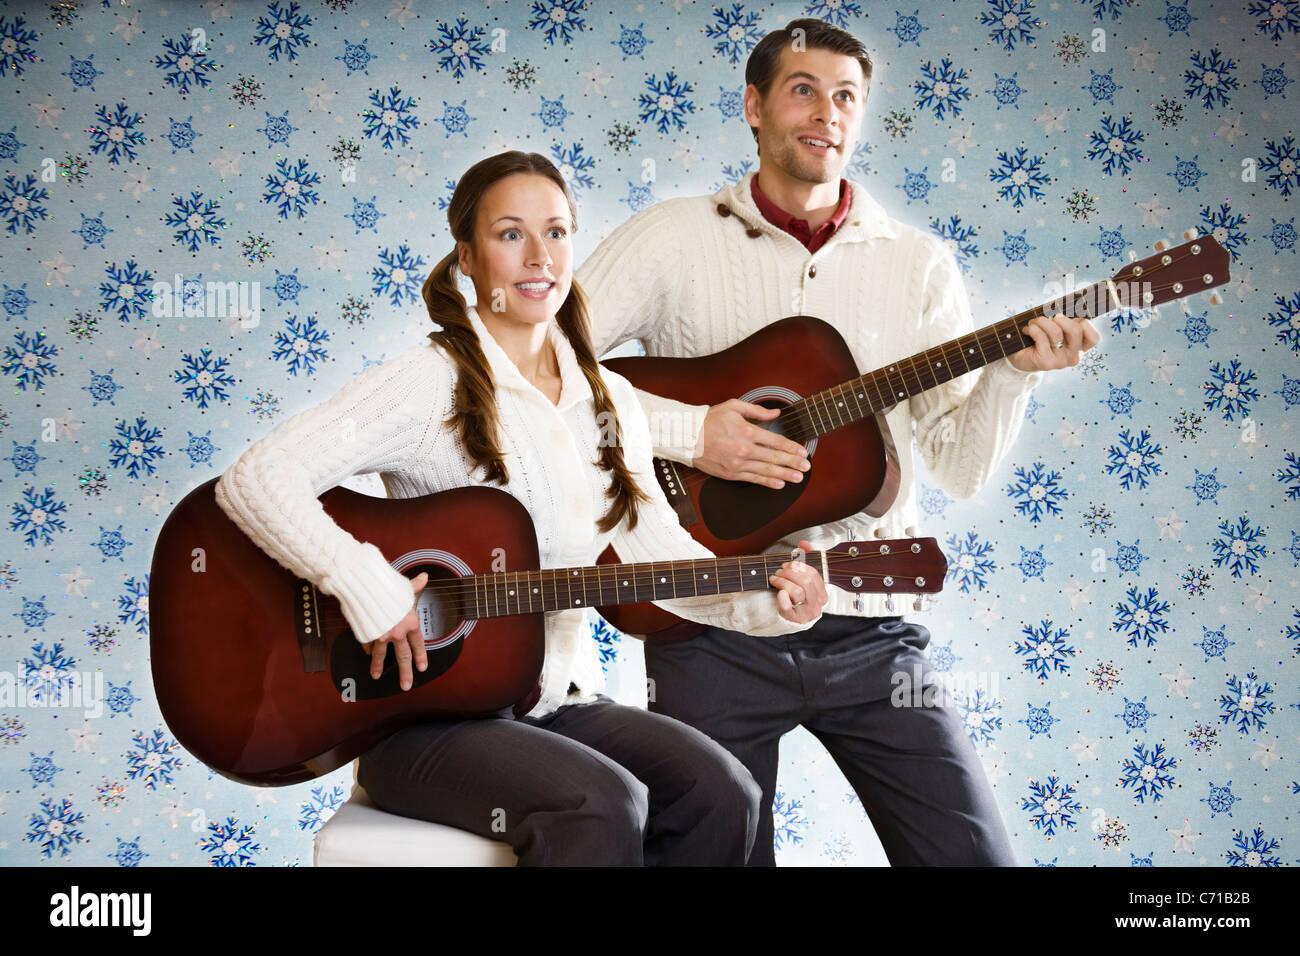 Un simulacro de Navidad portada del álbum ofrece una hilarante pareja joven la celebración de guitarras. Imagen De Stock